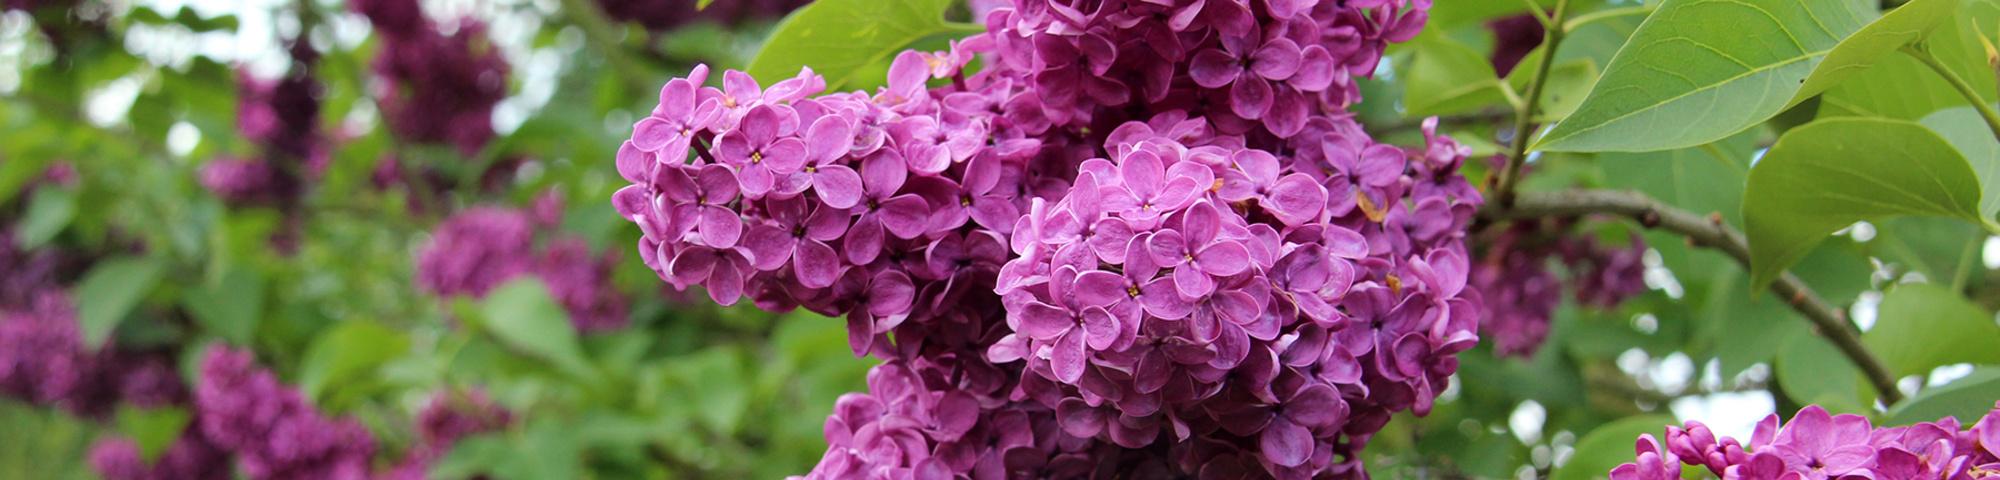 El Arbol de la Vida y el Gran Polillón - Página 2 Syringa-vulgaris-charles-joly-flowers-1